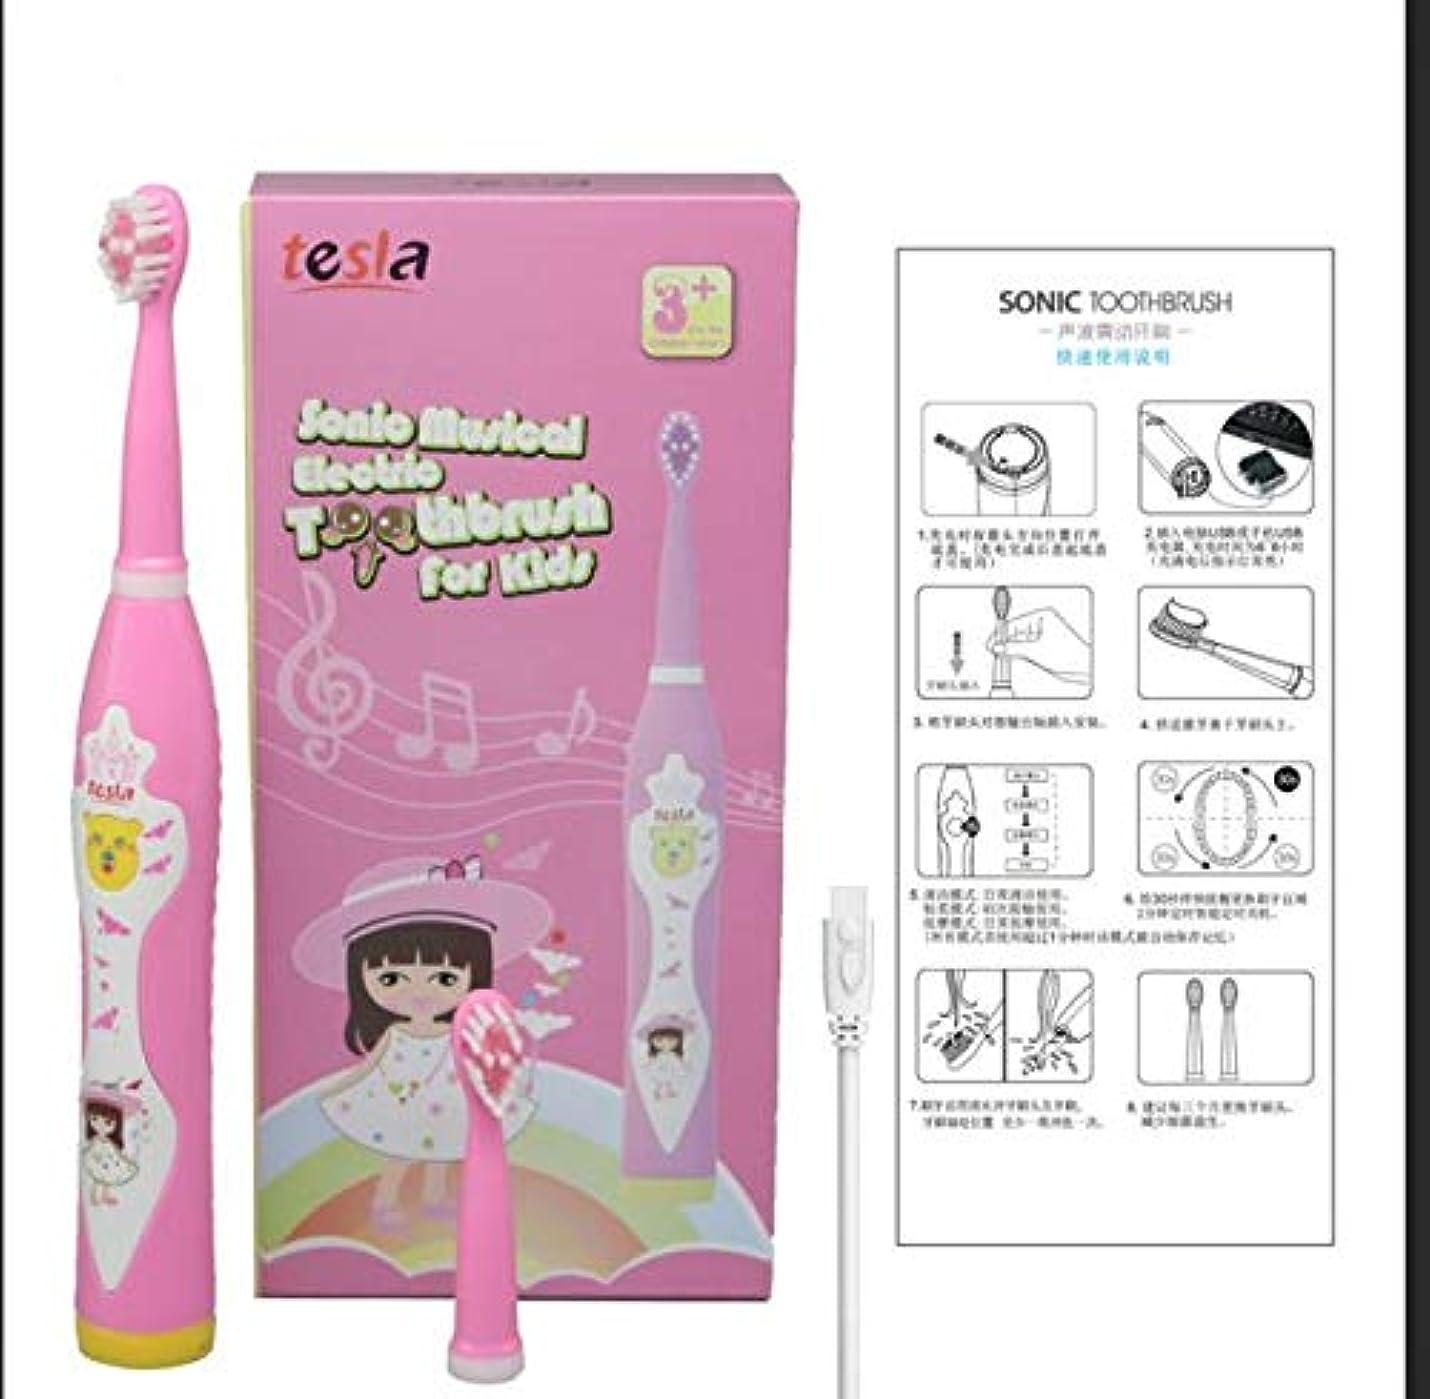 発揮する子供っぽいとらえどころのない旅行 FDAホームアウトドアソニックポータブルusb自動プロスマート子供子供大人電気歯ブラシ歯ブラシ (pink)